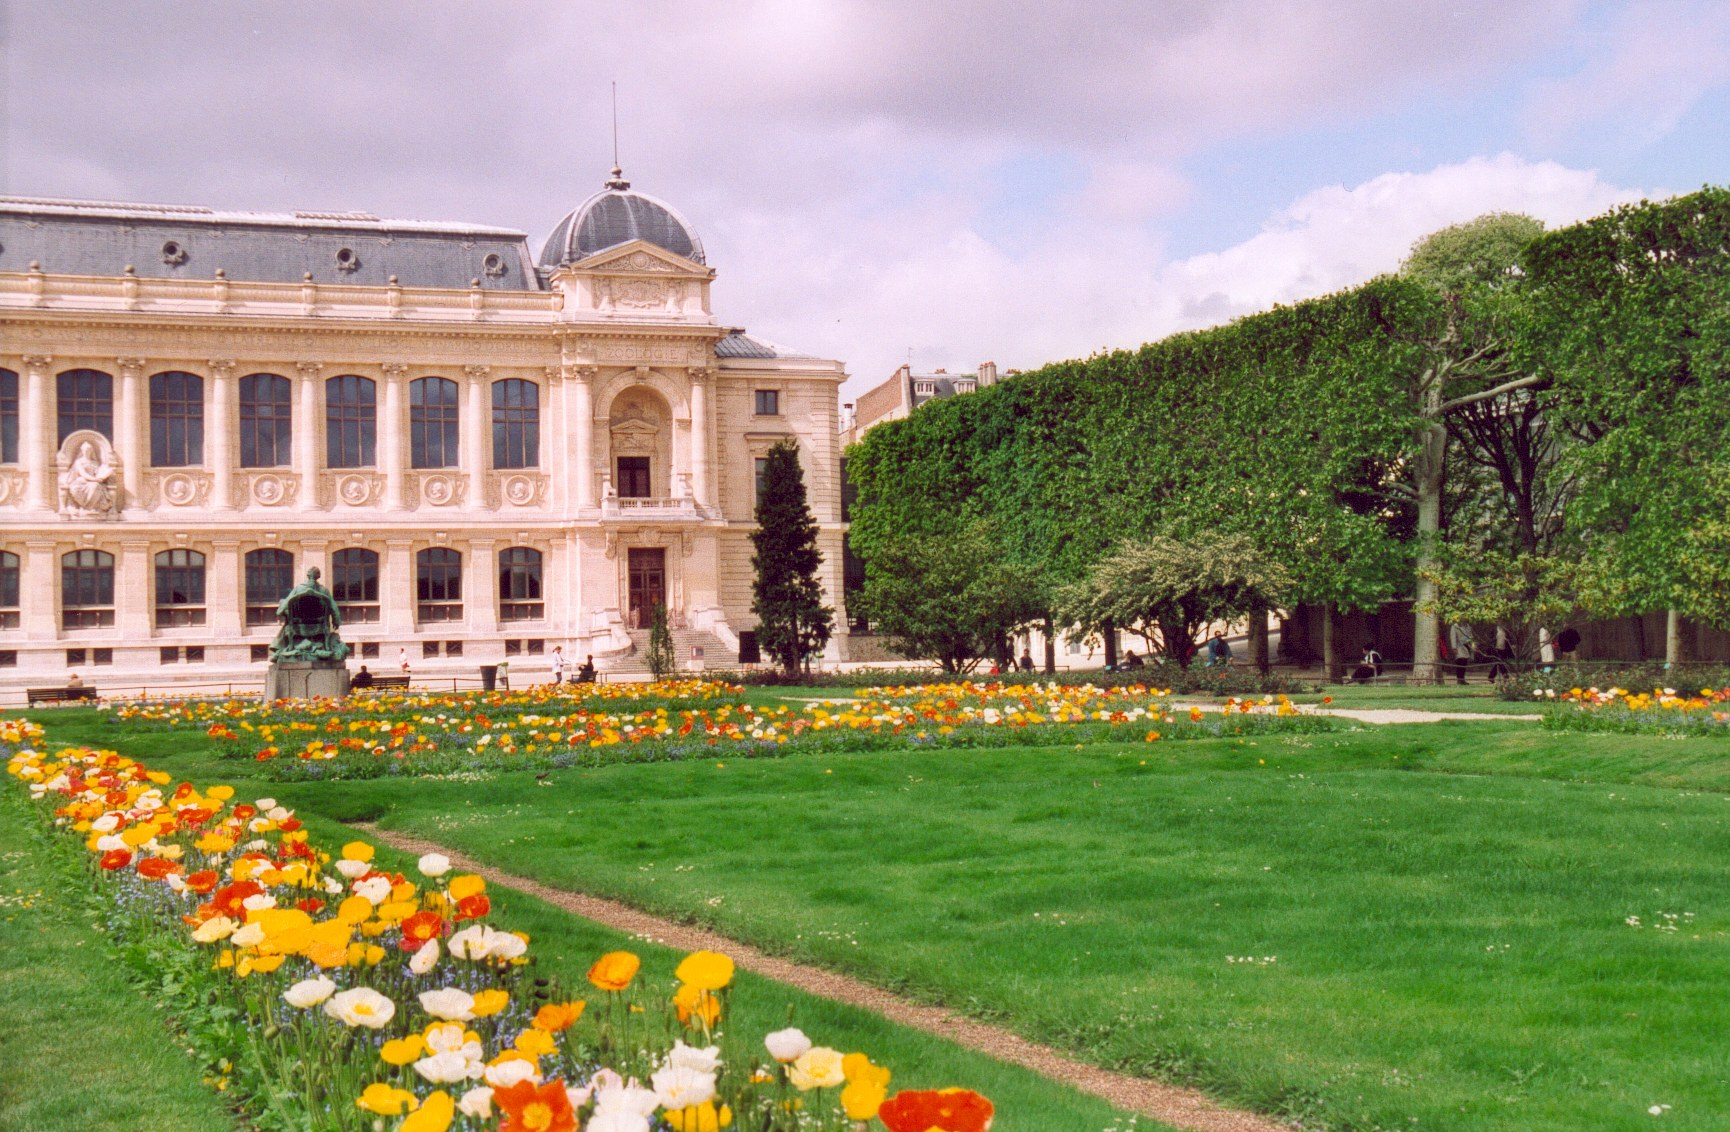 Jardin des plantes de paris for Jardin des plantes